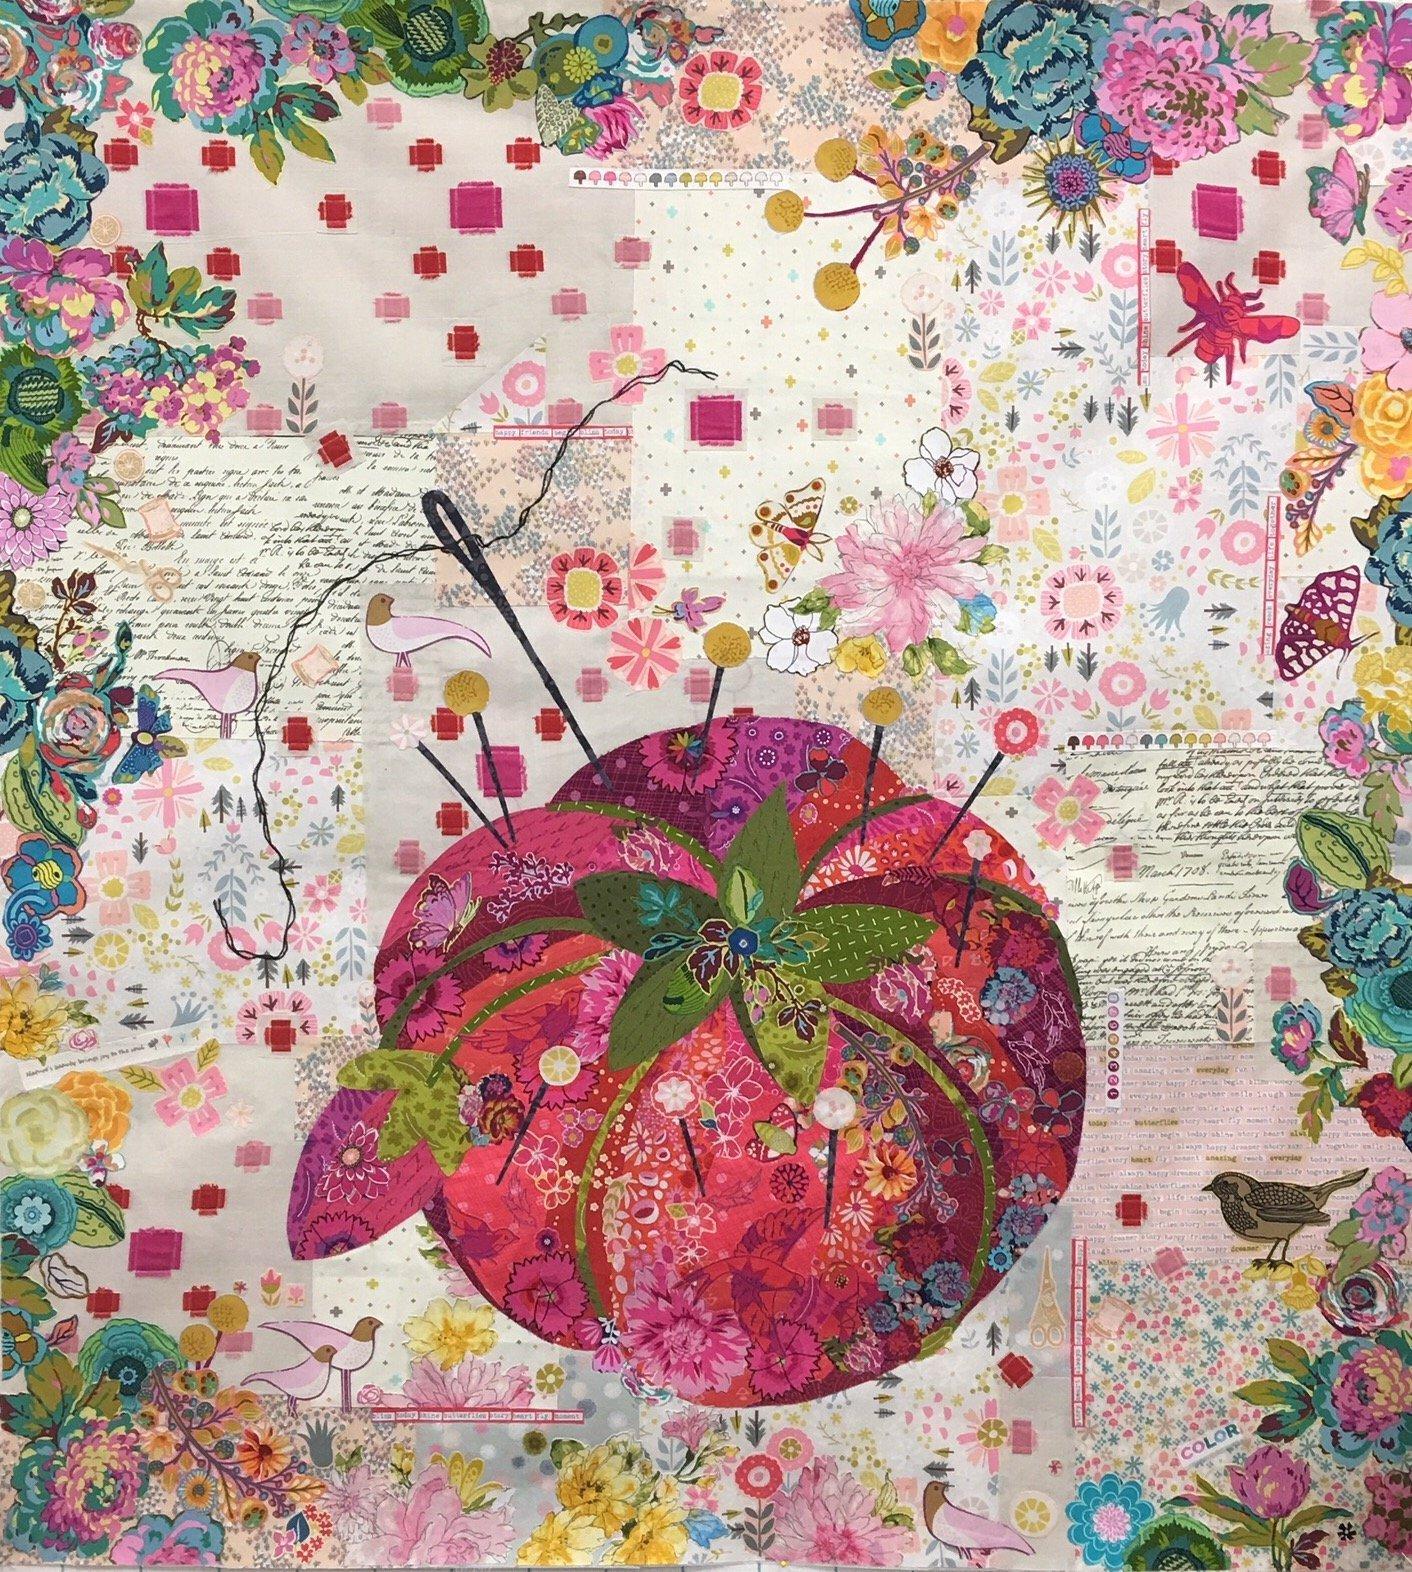 Pincushion Collage Fabric Kit